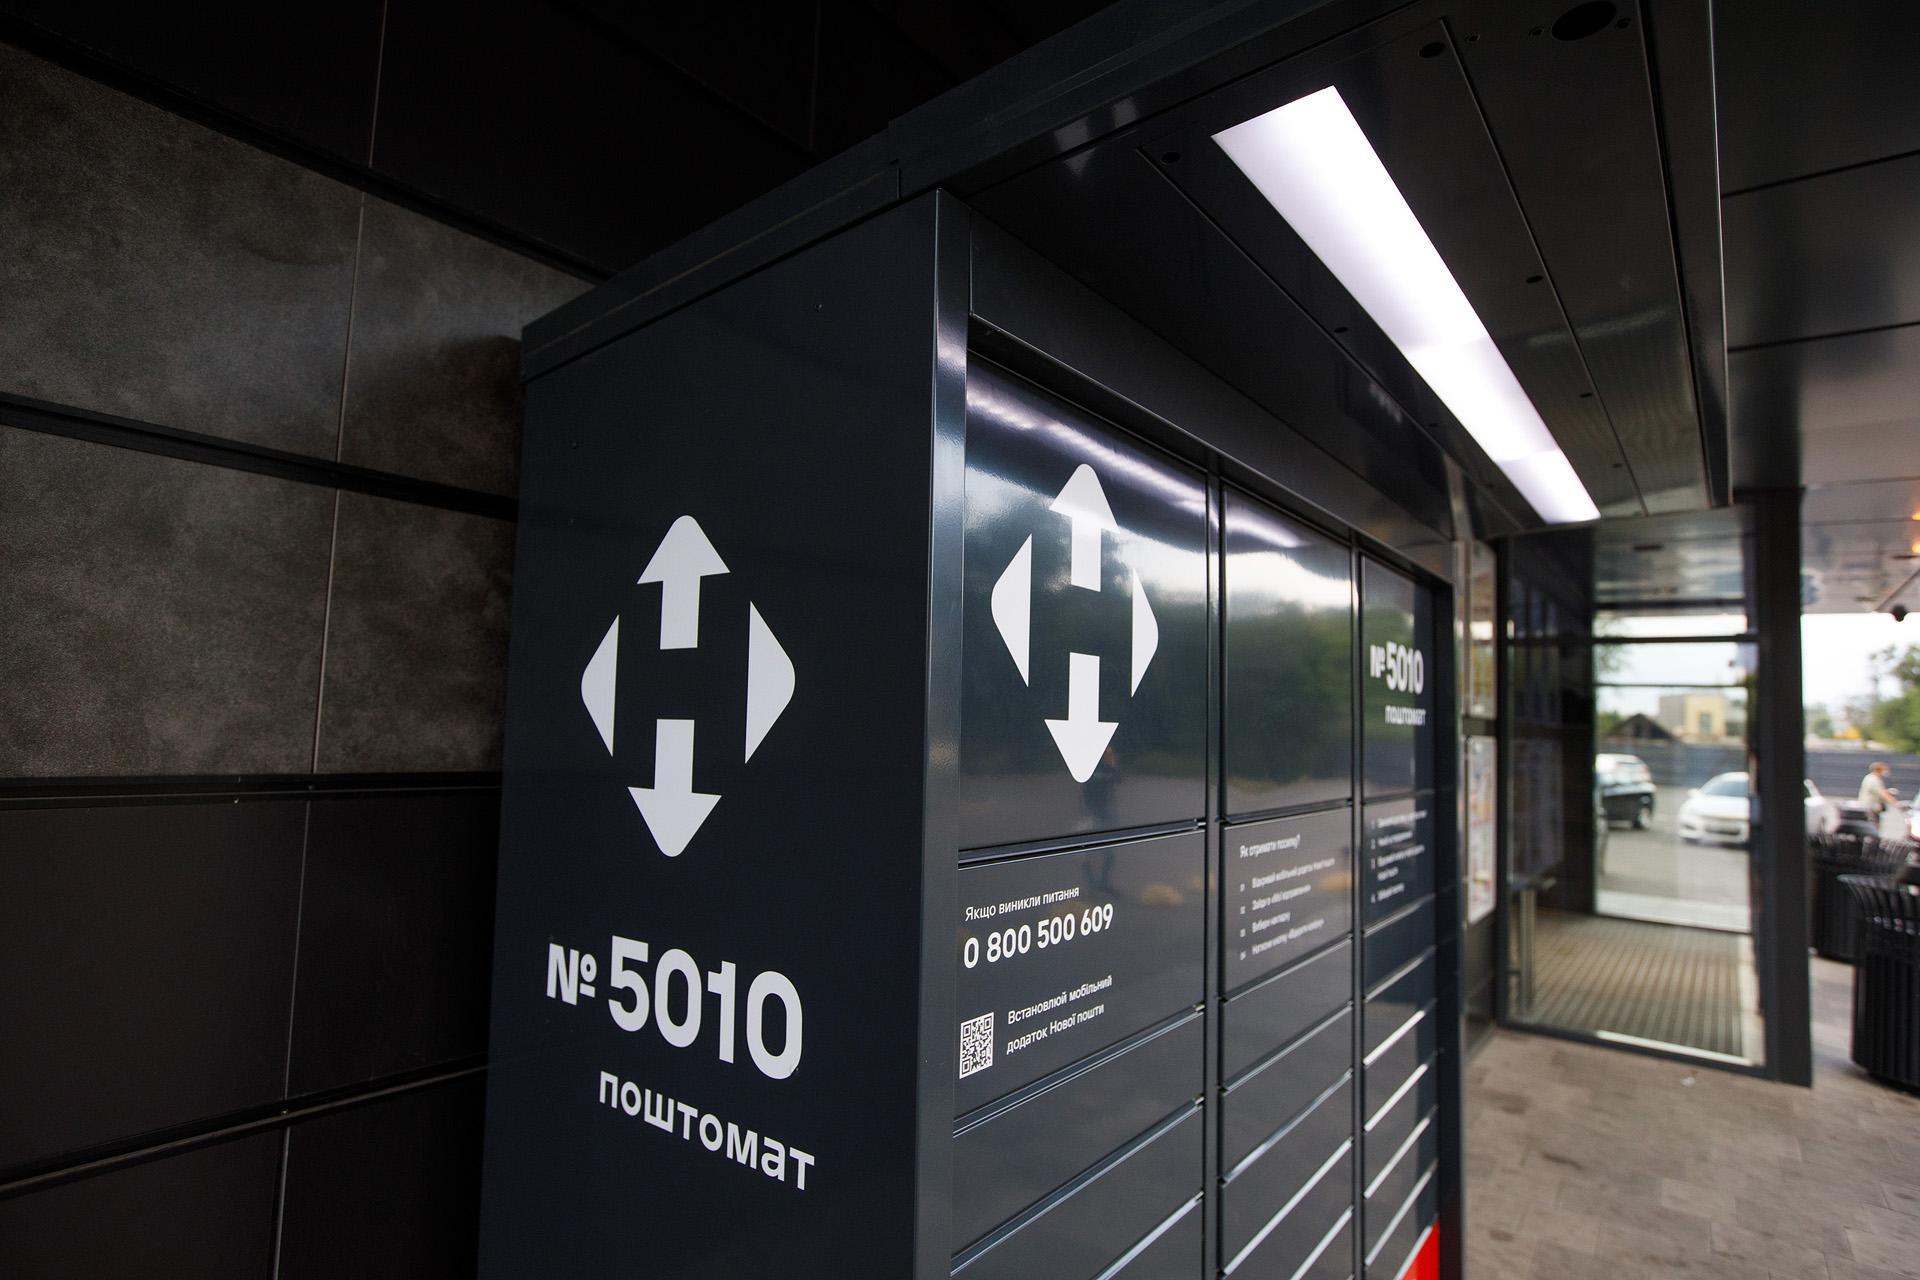 Нова пошта встановила 200 поштоматів біля магазинів АТБ